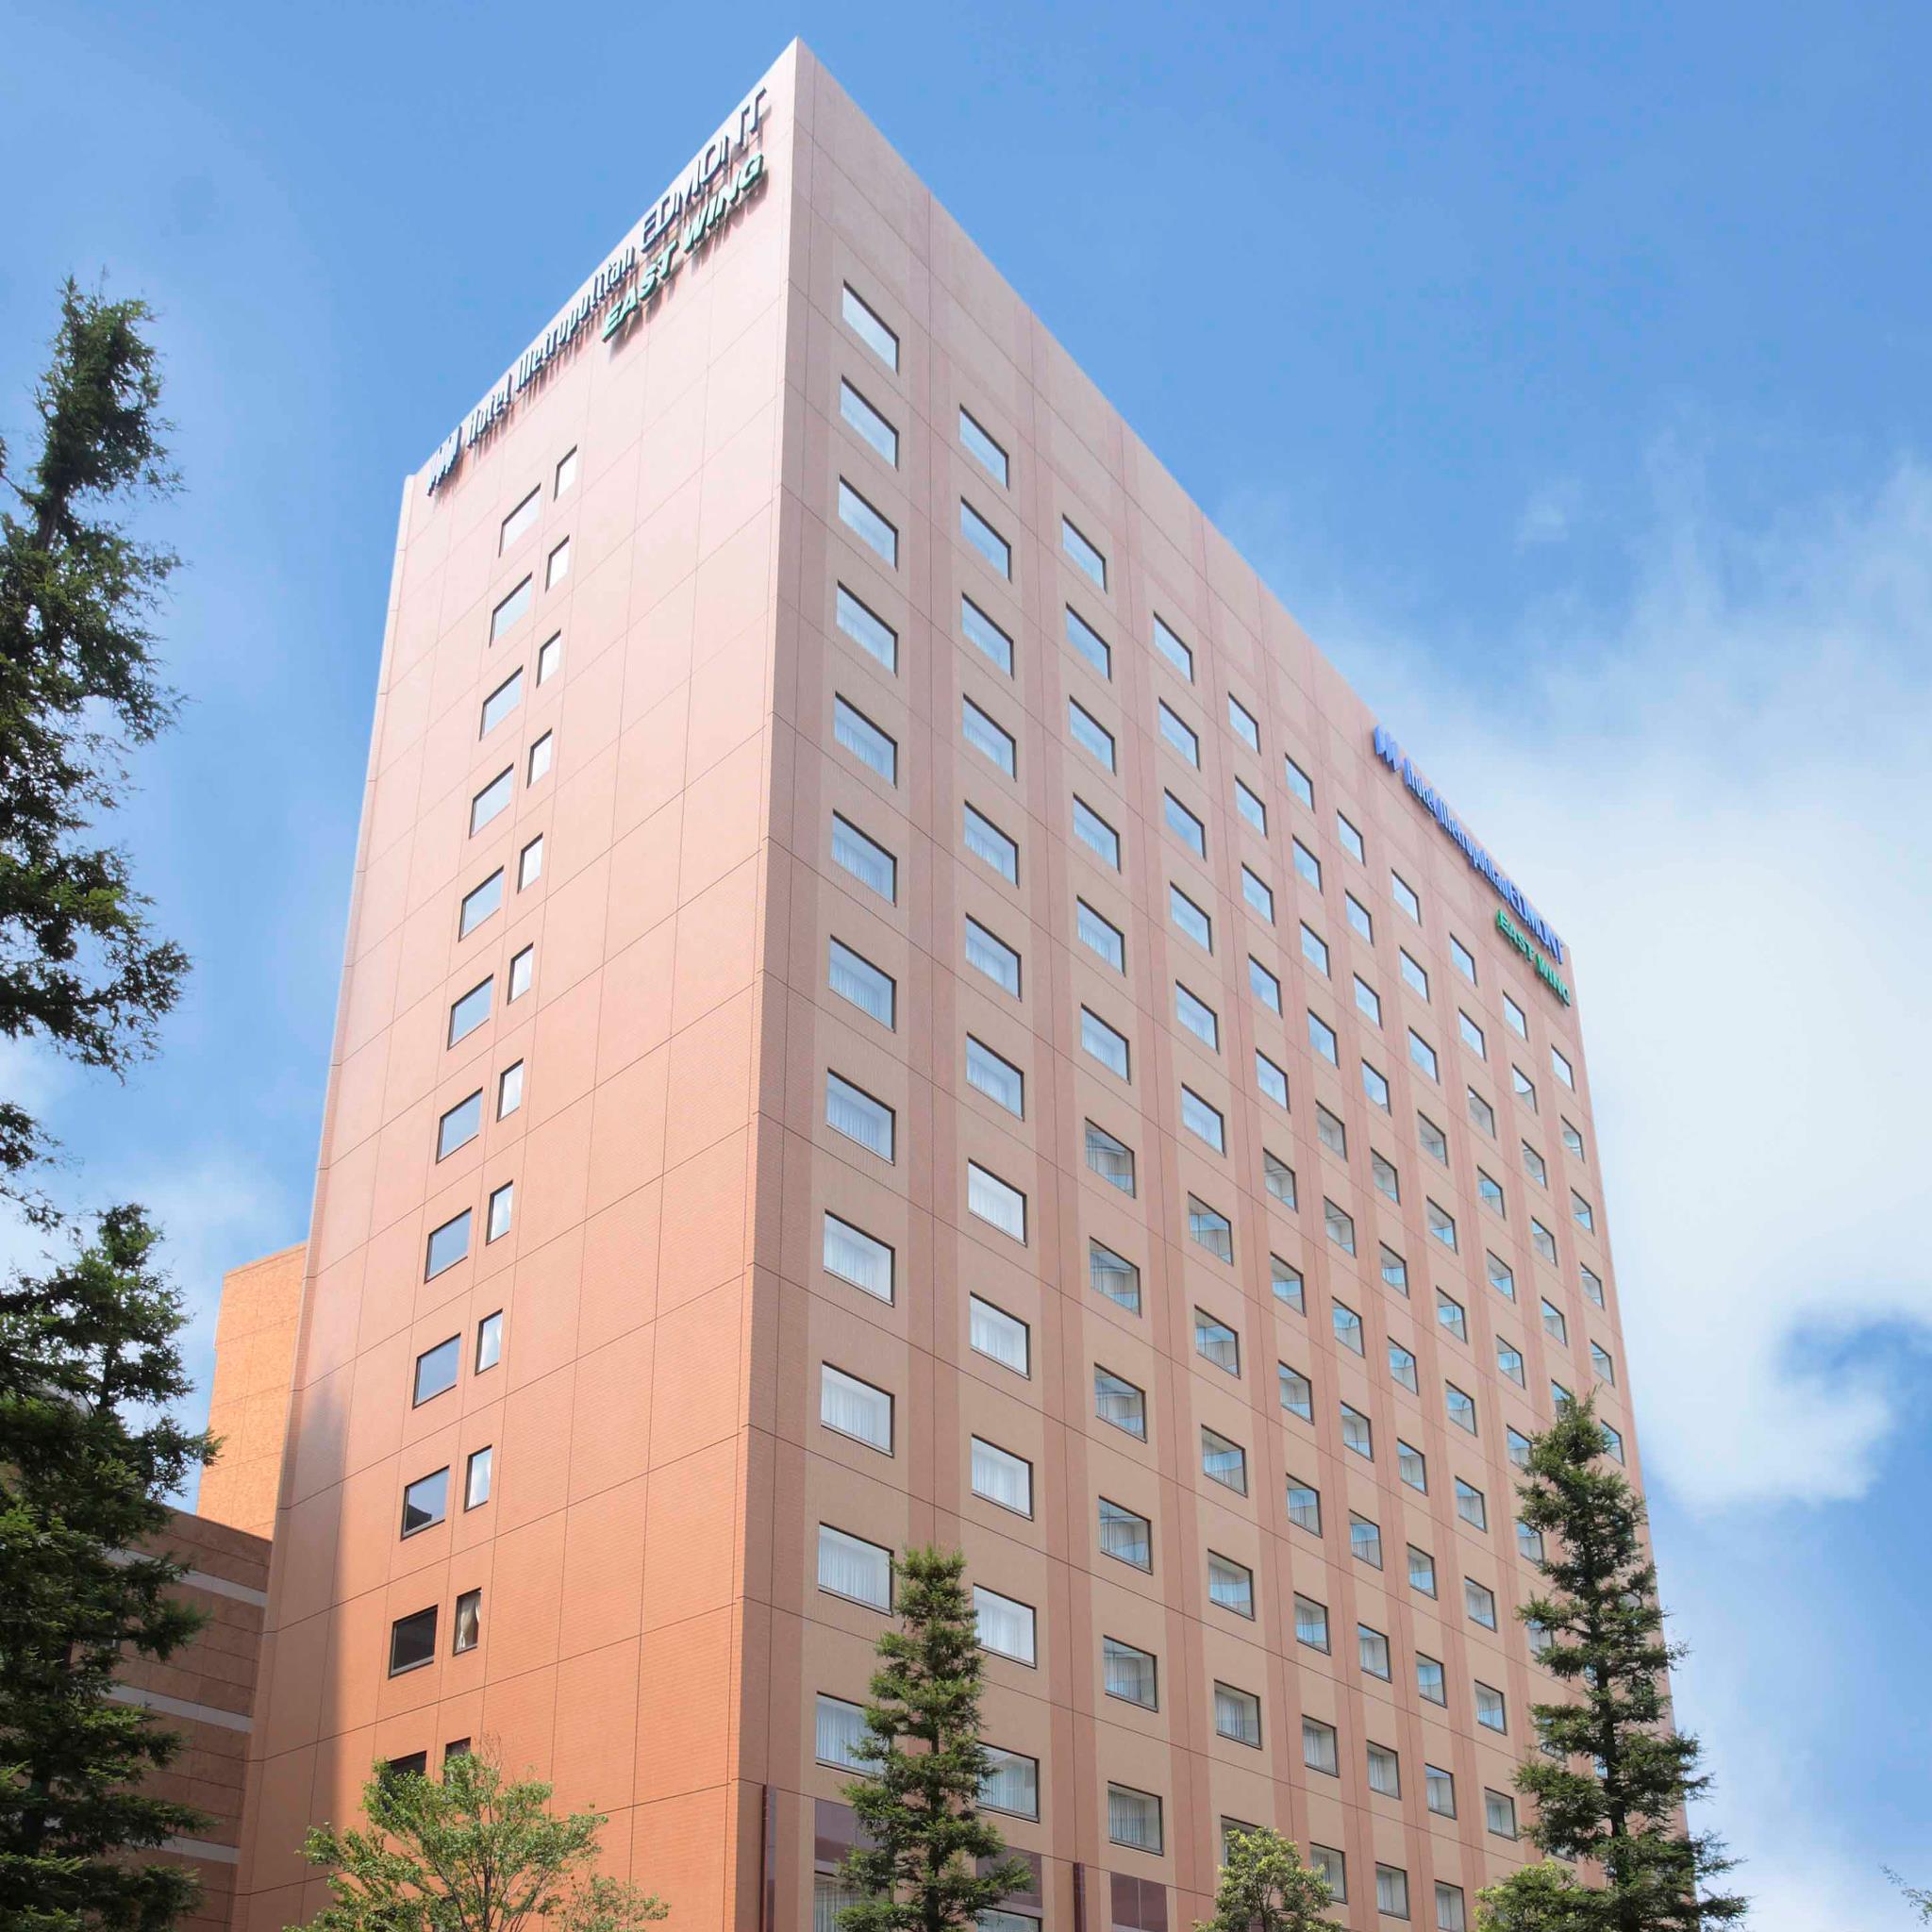 古き良き魅力溢れる「飯田橋・神楽坂エリア」のホテルおすすめランキング